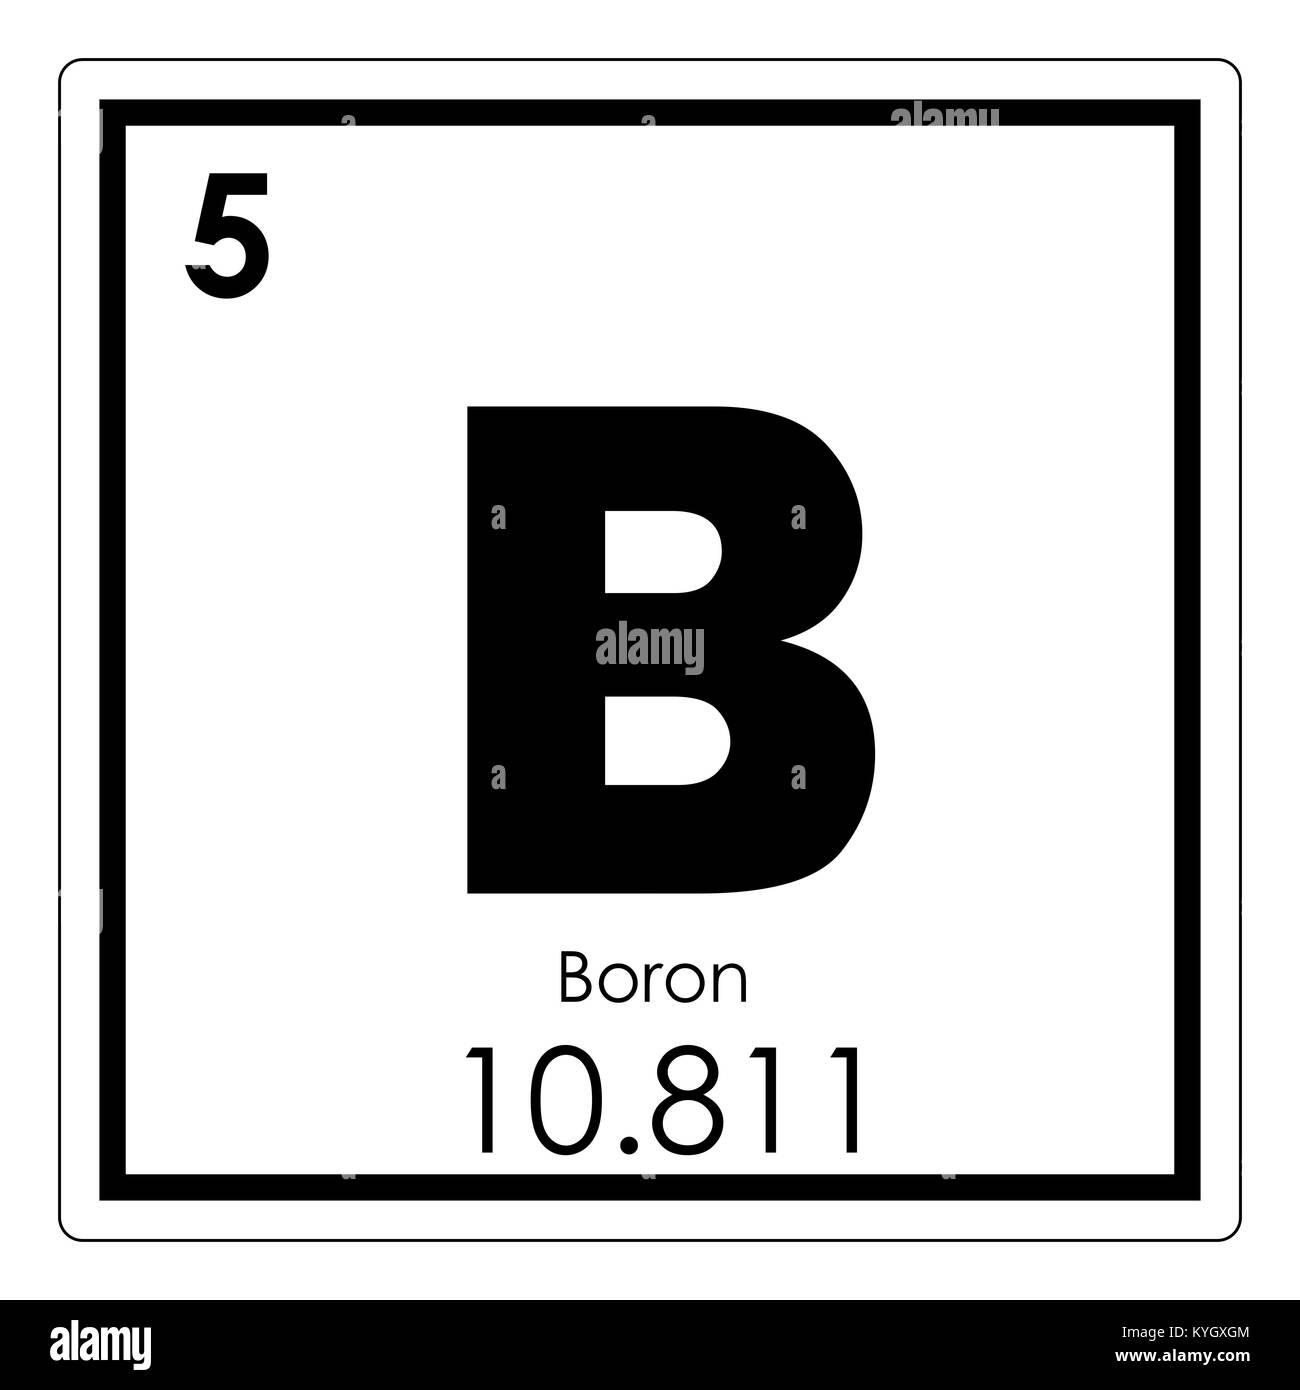 Boro elemento qumico tabla peridica ciencia smbolo foto imagen boro elemento qumico tabla peridica ciencia smbolo urtaz Gallery